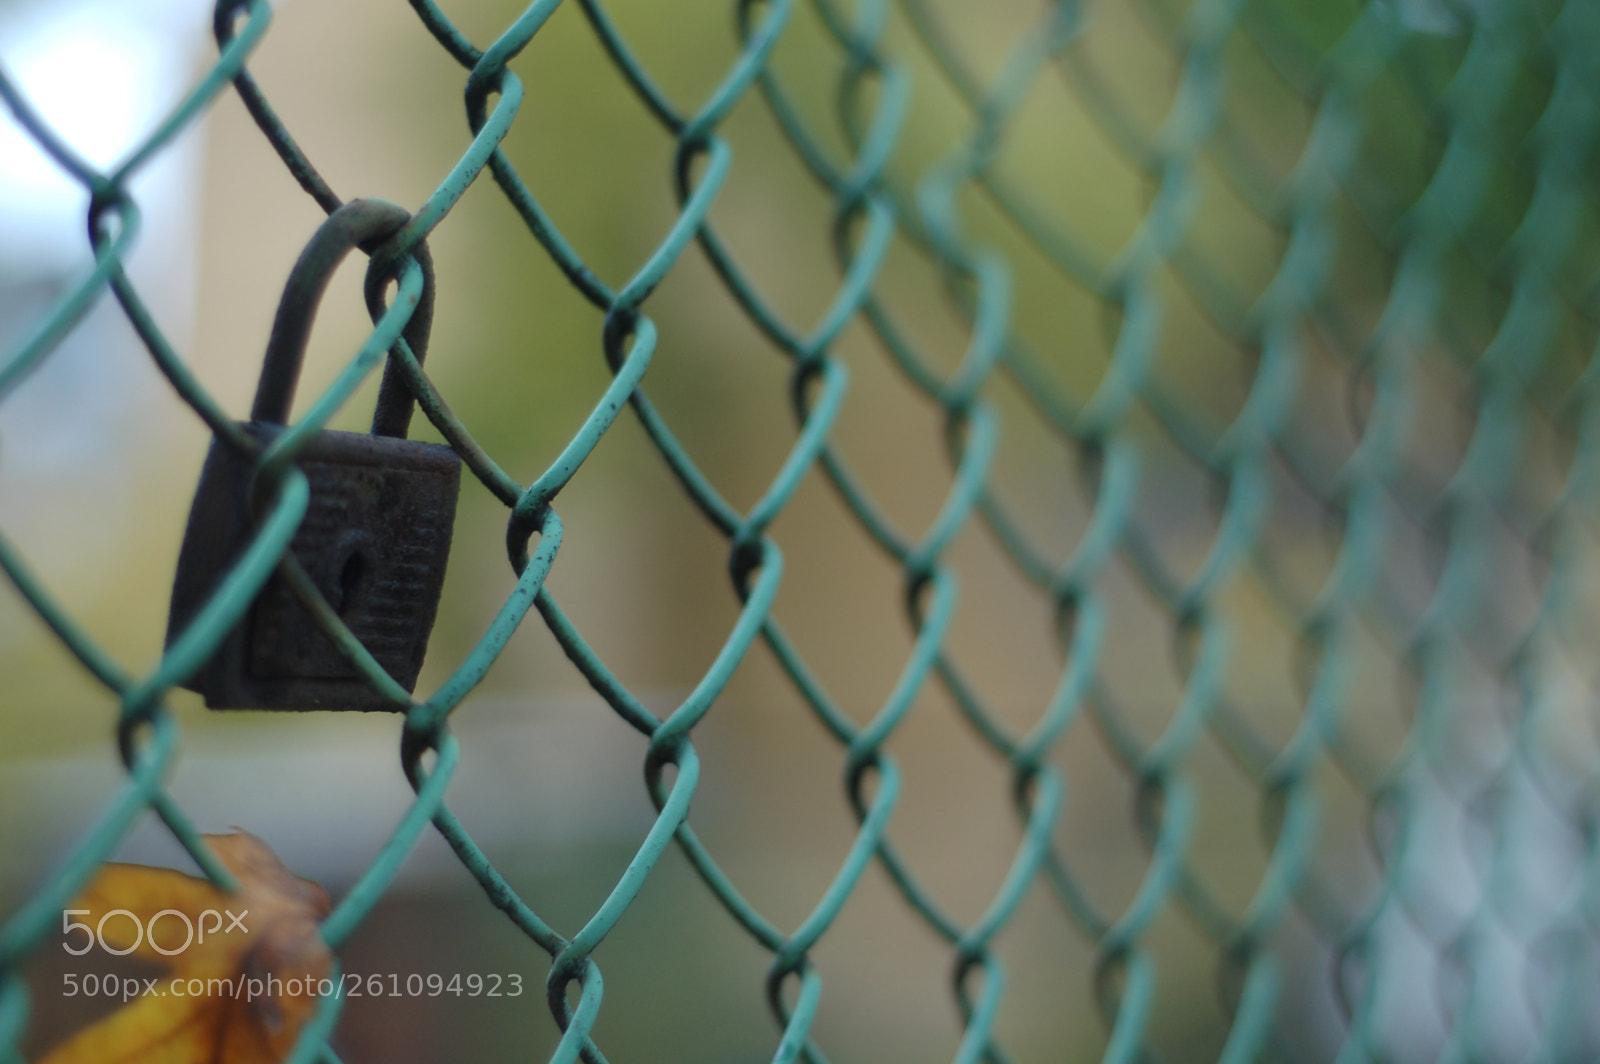 Nikon d50, Nikon D50, AF Nikkor 50mm f/1.8 N